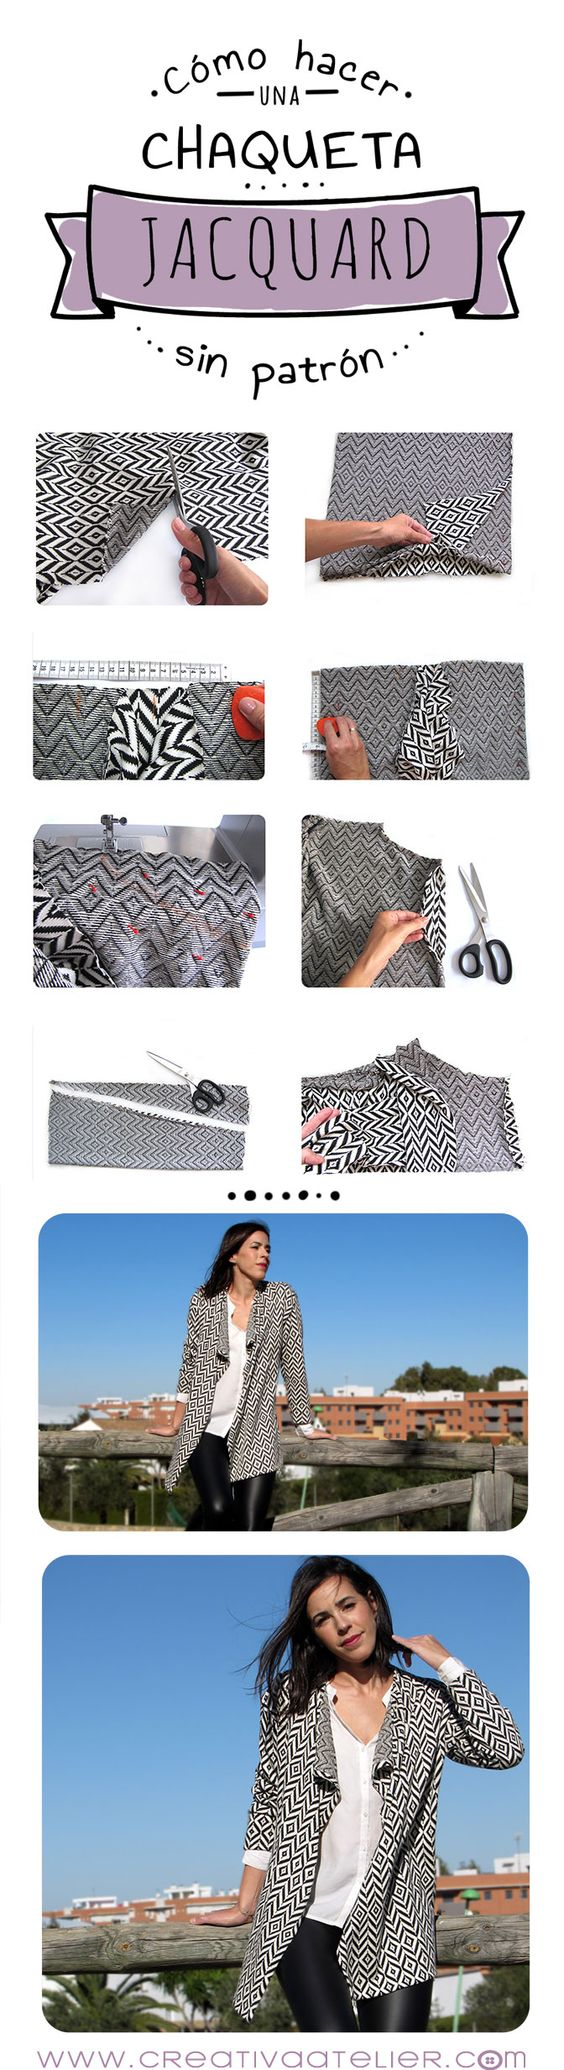 Cómo confeccionar una chaqueta jacquard sin necesidad de patrón #costura #DIY